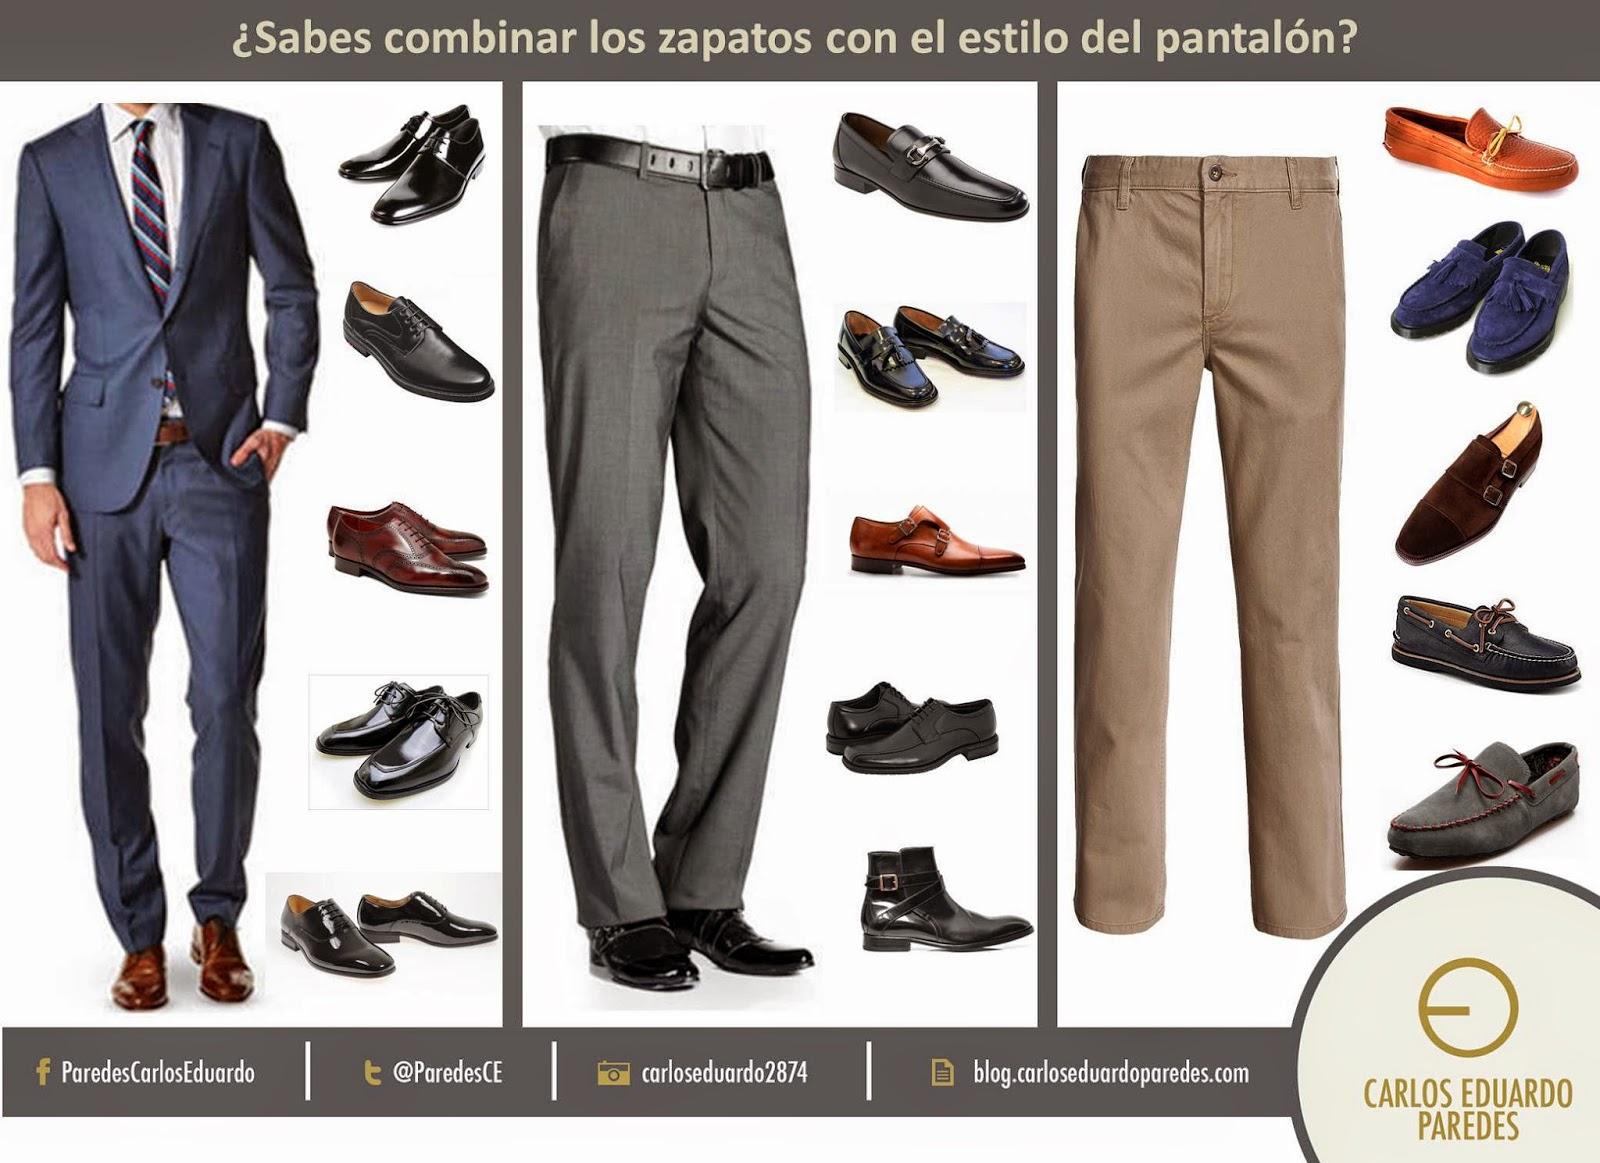 34cc9a8e9b1c1 Sabes combinar los zapatos con el estilo de pantalón